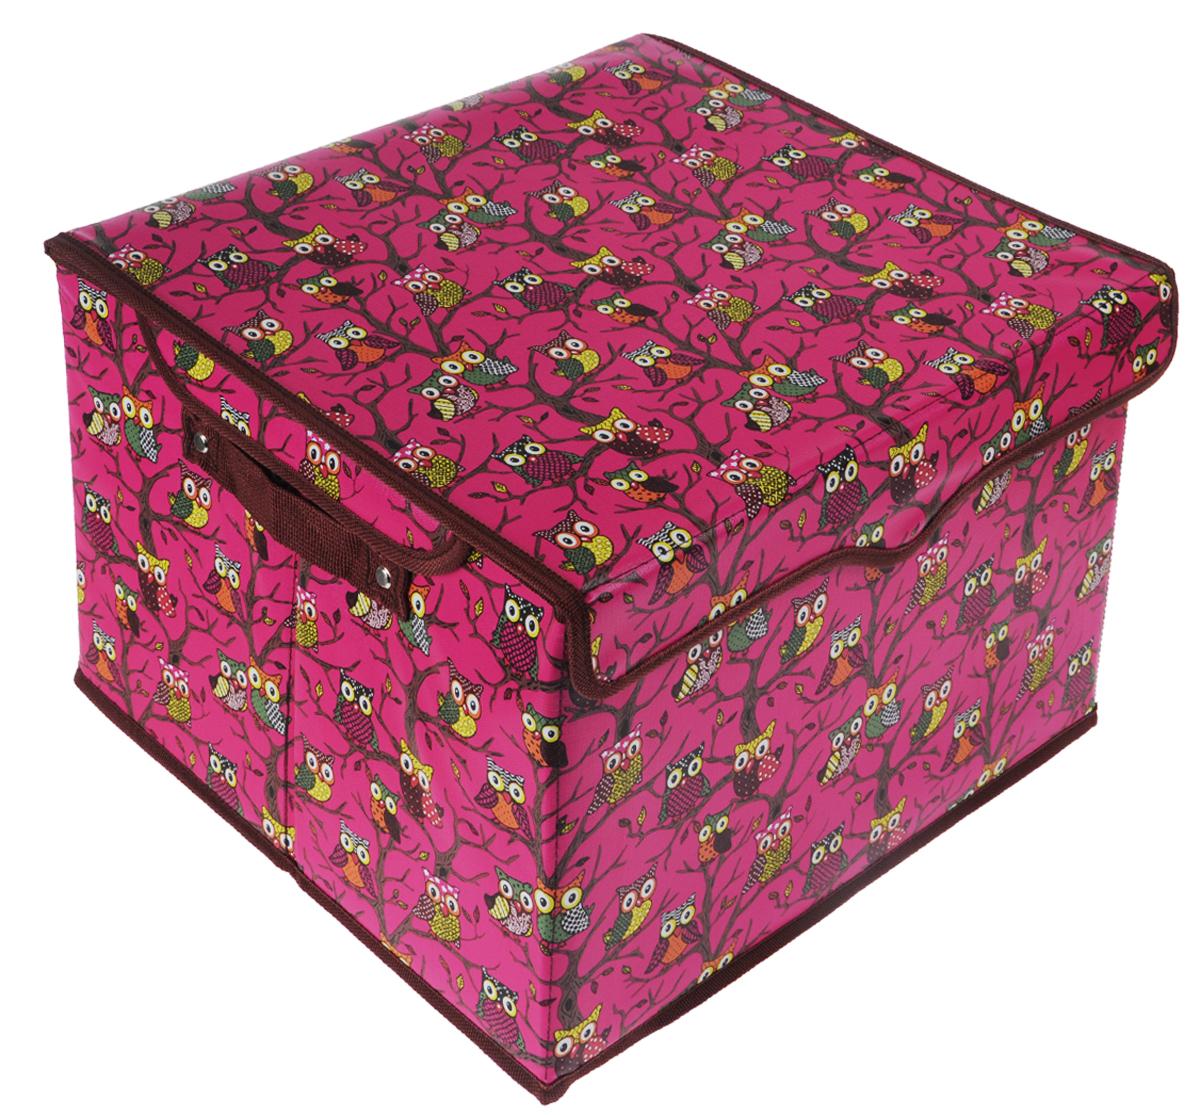 Кофр для хранения El Casa Совы, цвет: розовый, 41 см х 36 см х 26 см171141Кофр для хранения El Casa Совы - компактное и красивое решение для хранения вещей дома или на даче. Кофр имеет жесткий каркас из МДФ, выполнен из экокожи с красивым принтом в виде сов. Снабжен крышкой, которая закрывается на липучку. Две ручки по бокам - для комфортной переноски. В таком кофре можно хранить всевозможные предметы: книги, игрушки, рукоделие. Яркий запоминающий дизайн кофра привнесет в ваш интерьер неповторимый шарм.